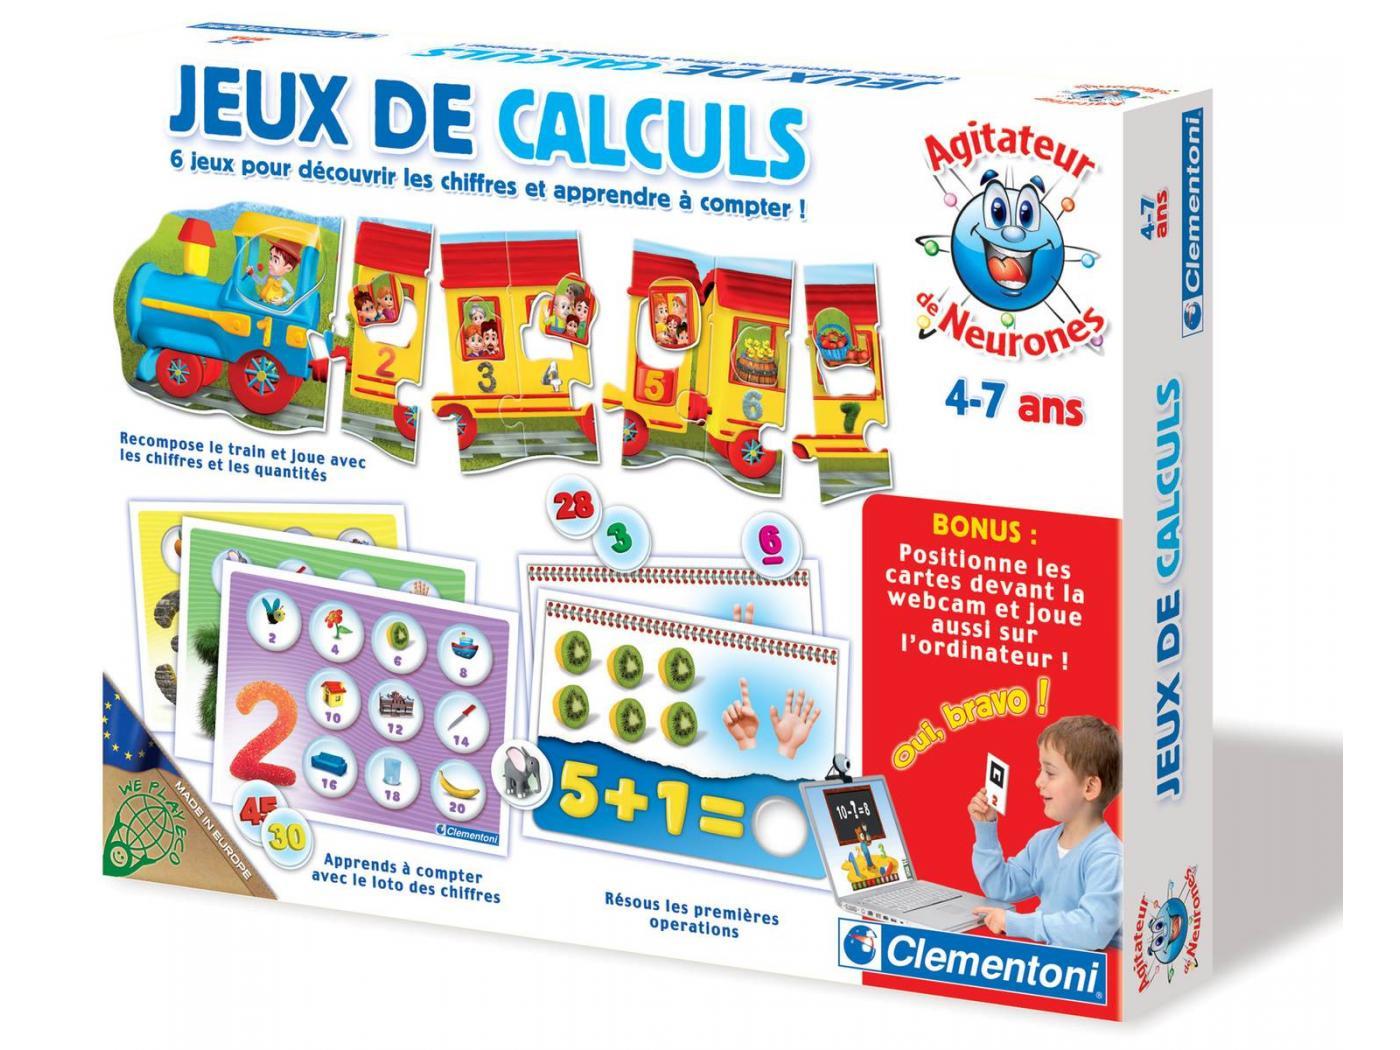 Jeux Educatif 7 Ans - PrimaNYC.com